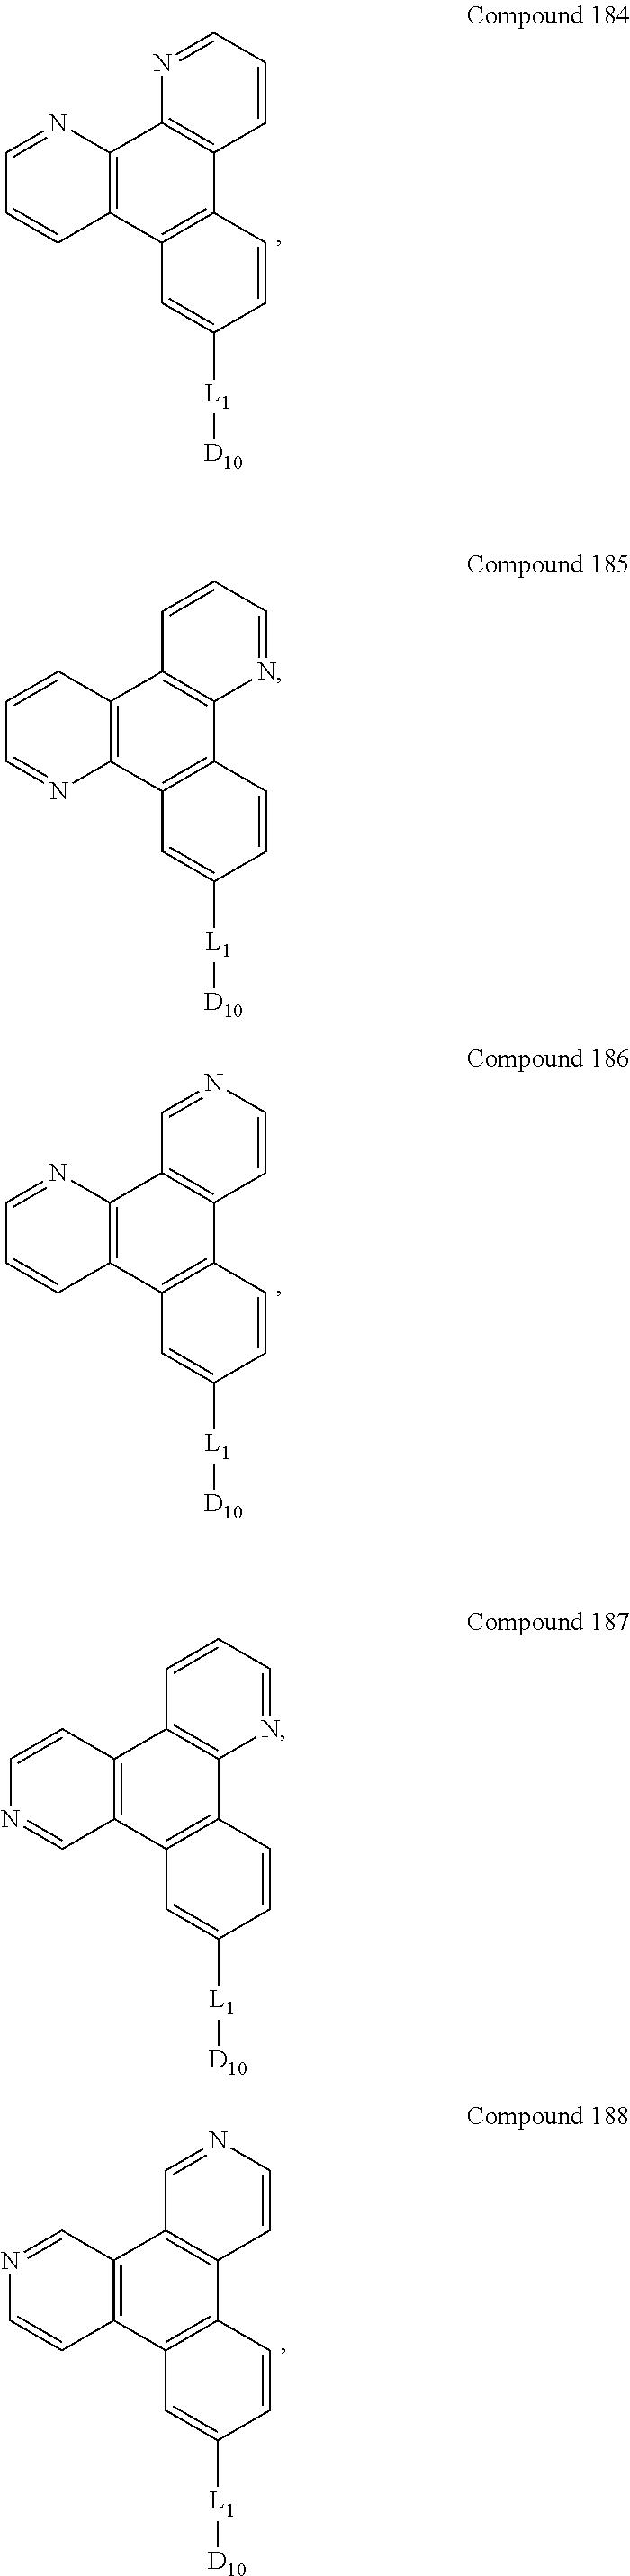 Figure US09537106-20170103-C00081